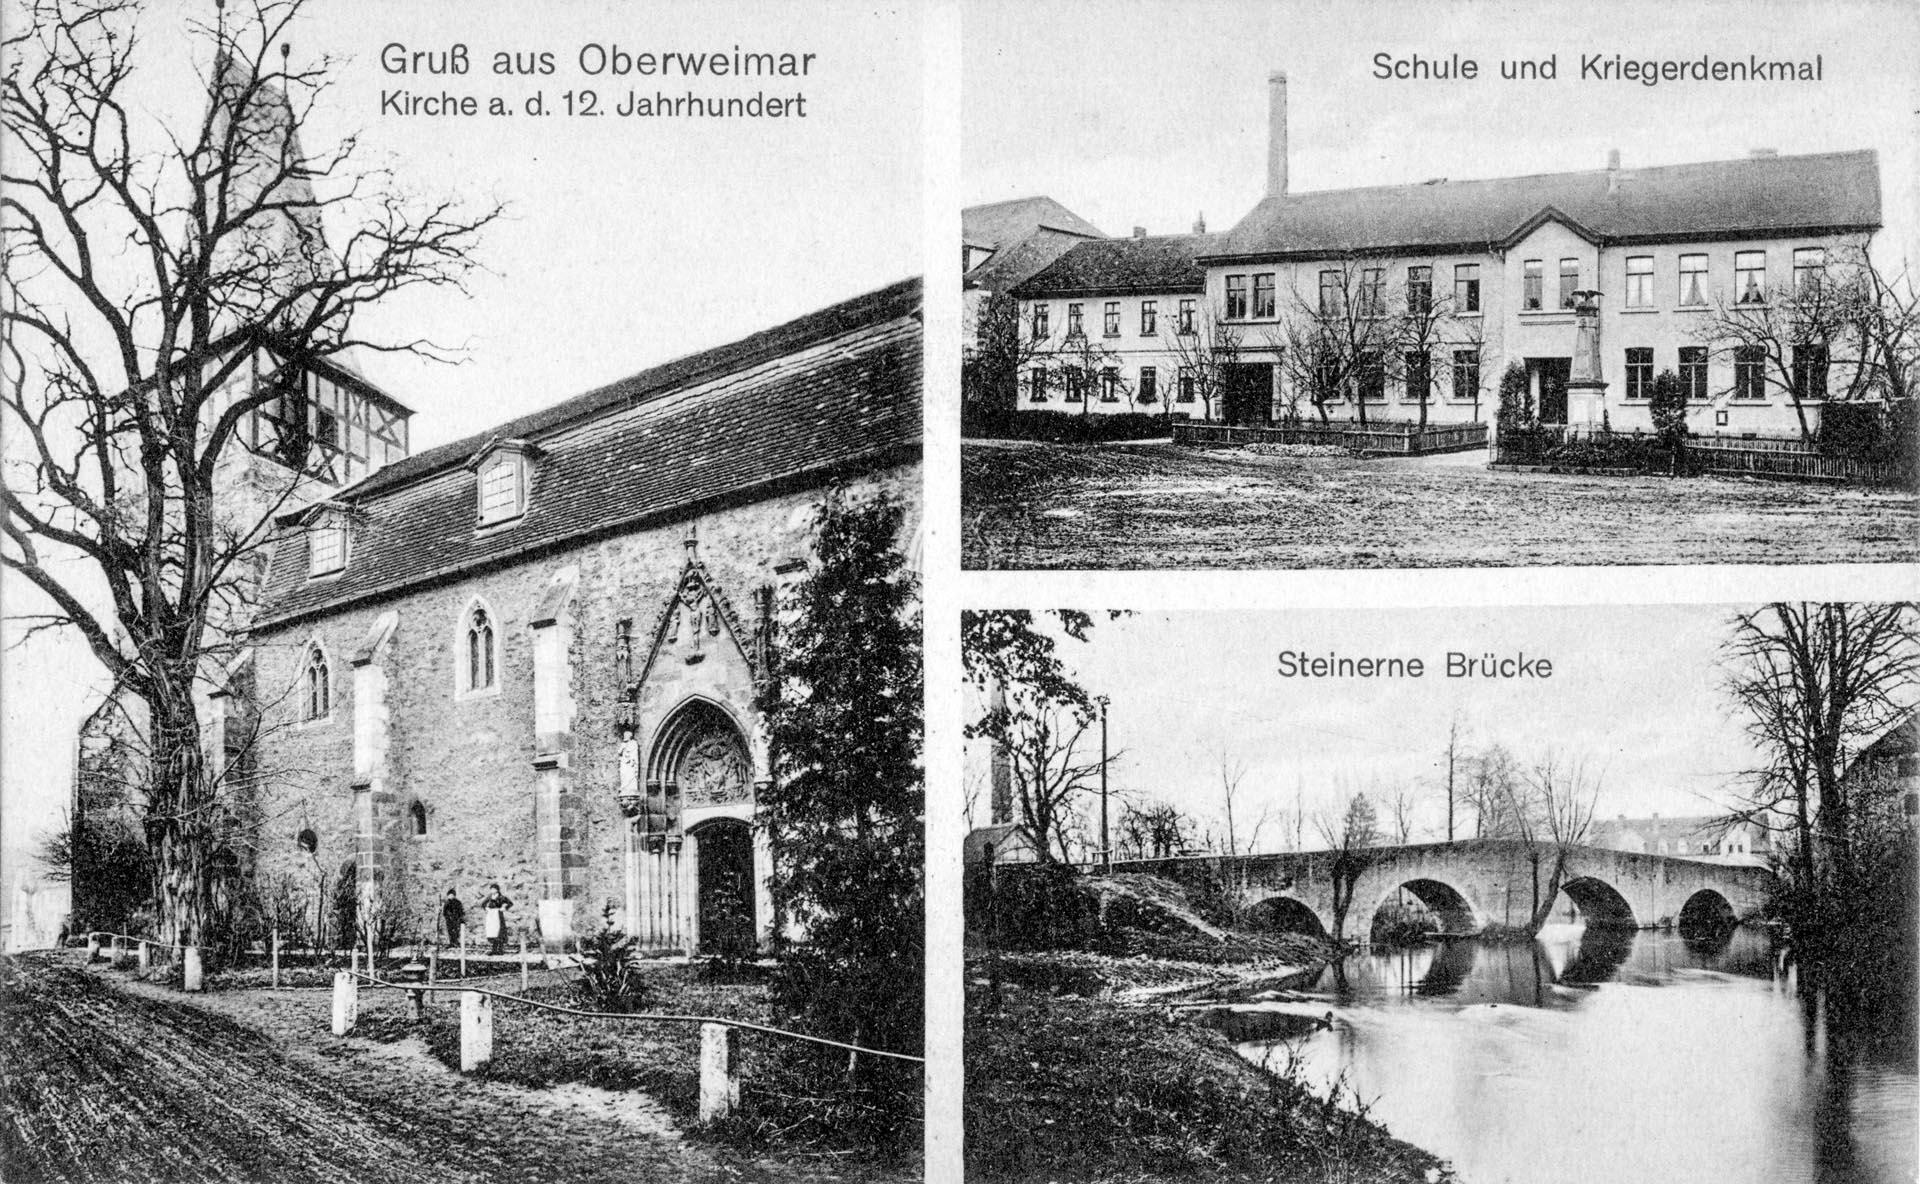 Gruß aus Oberweimar - Kirche - Schule und Kriegerdenkmal - Steinerne Brücke